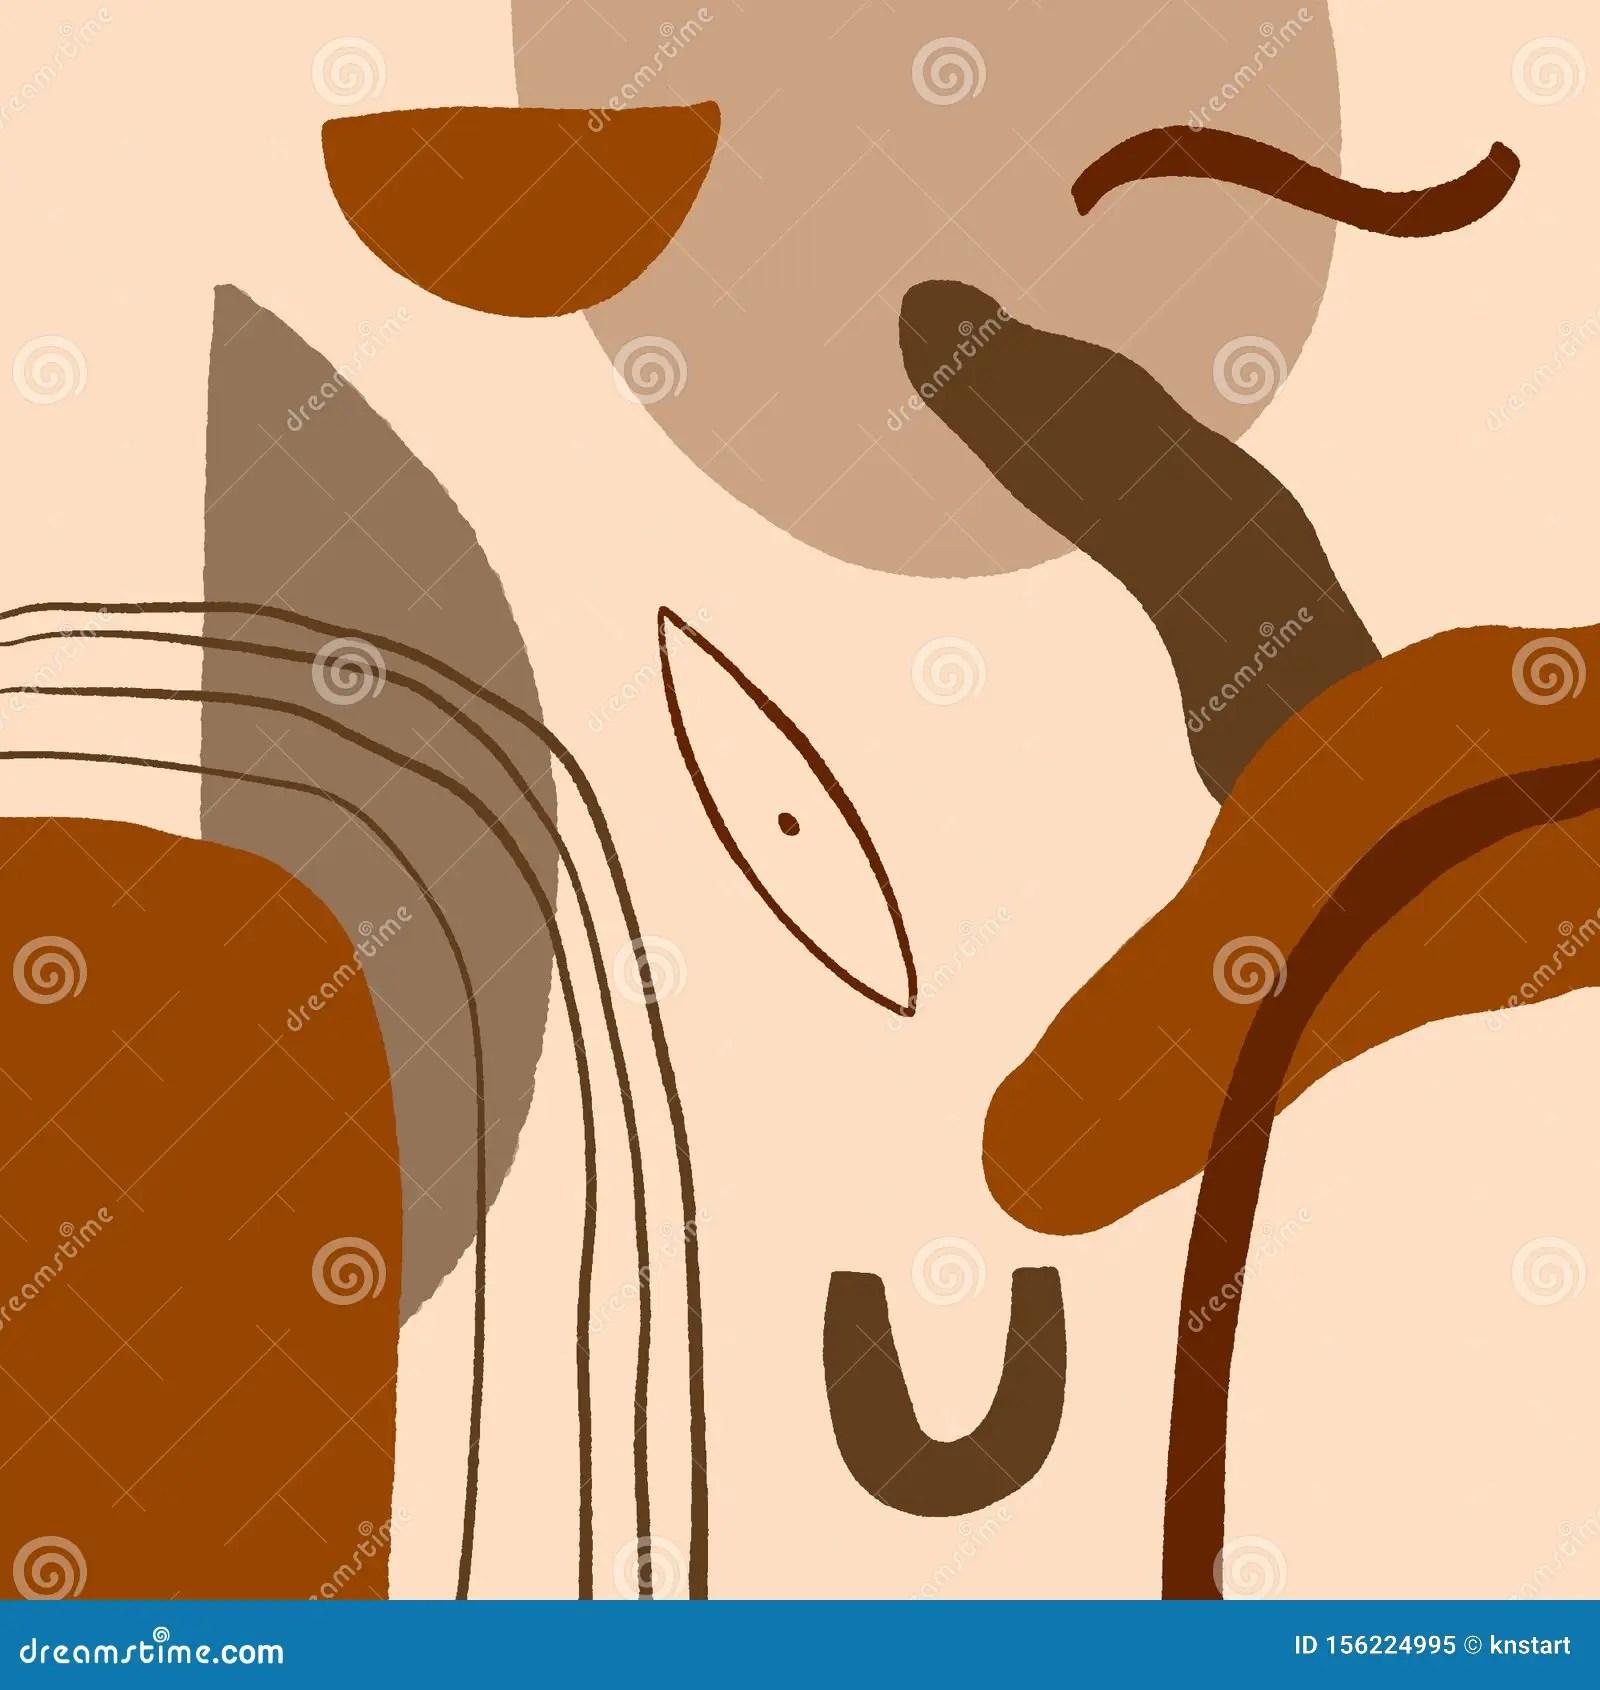 Art Terracotta Imprimer Resume Peinture Numerique Moderne Mode Scandinave Style Couleur Resume Affiche Contemporaine Impression G Illustration Stock Illustration Du Moderne Contemporaine 156224995